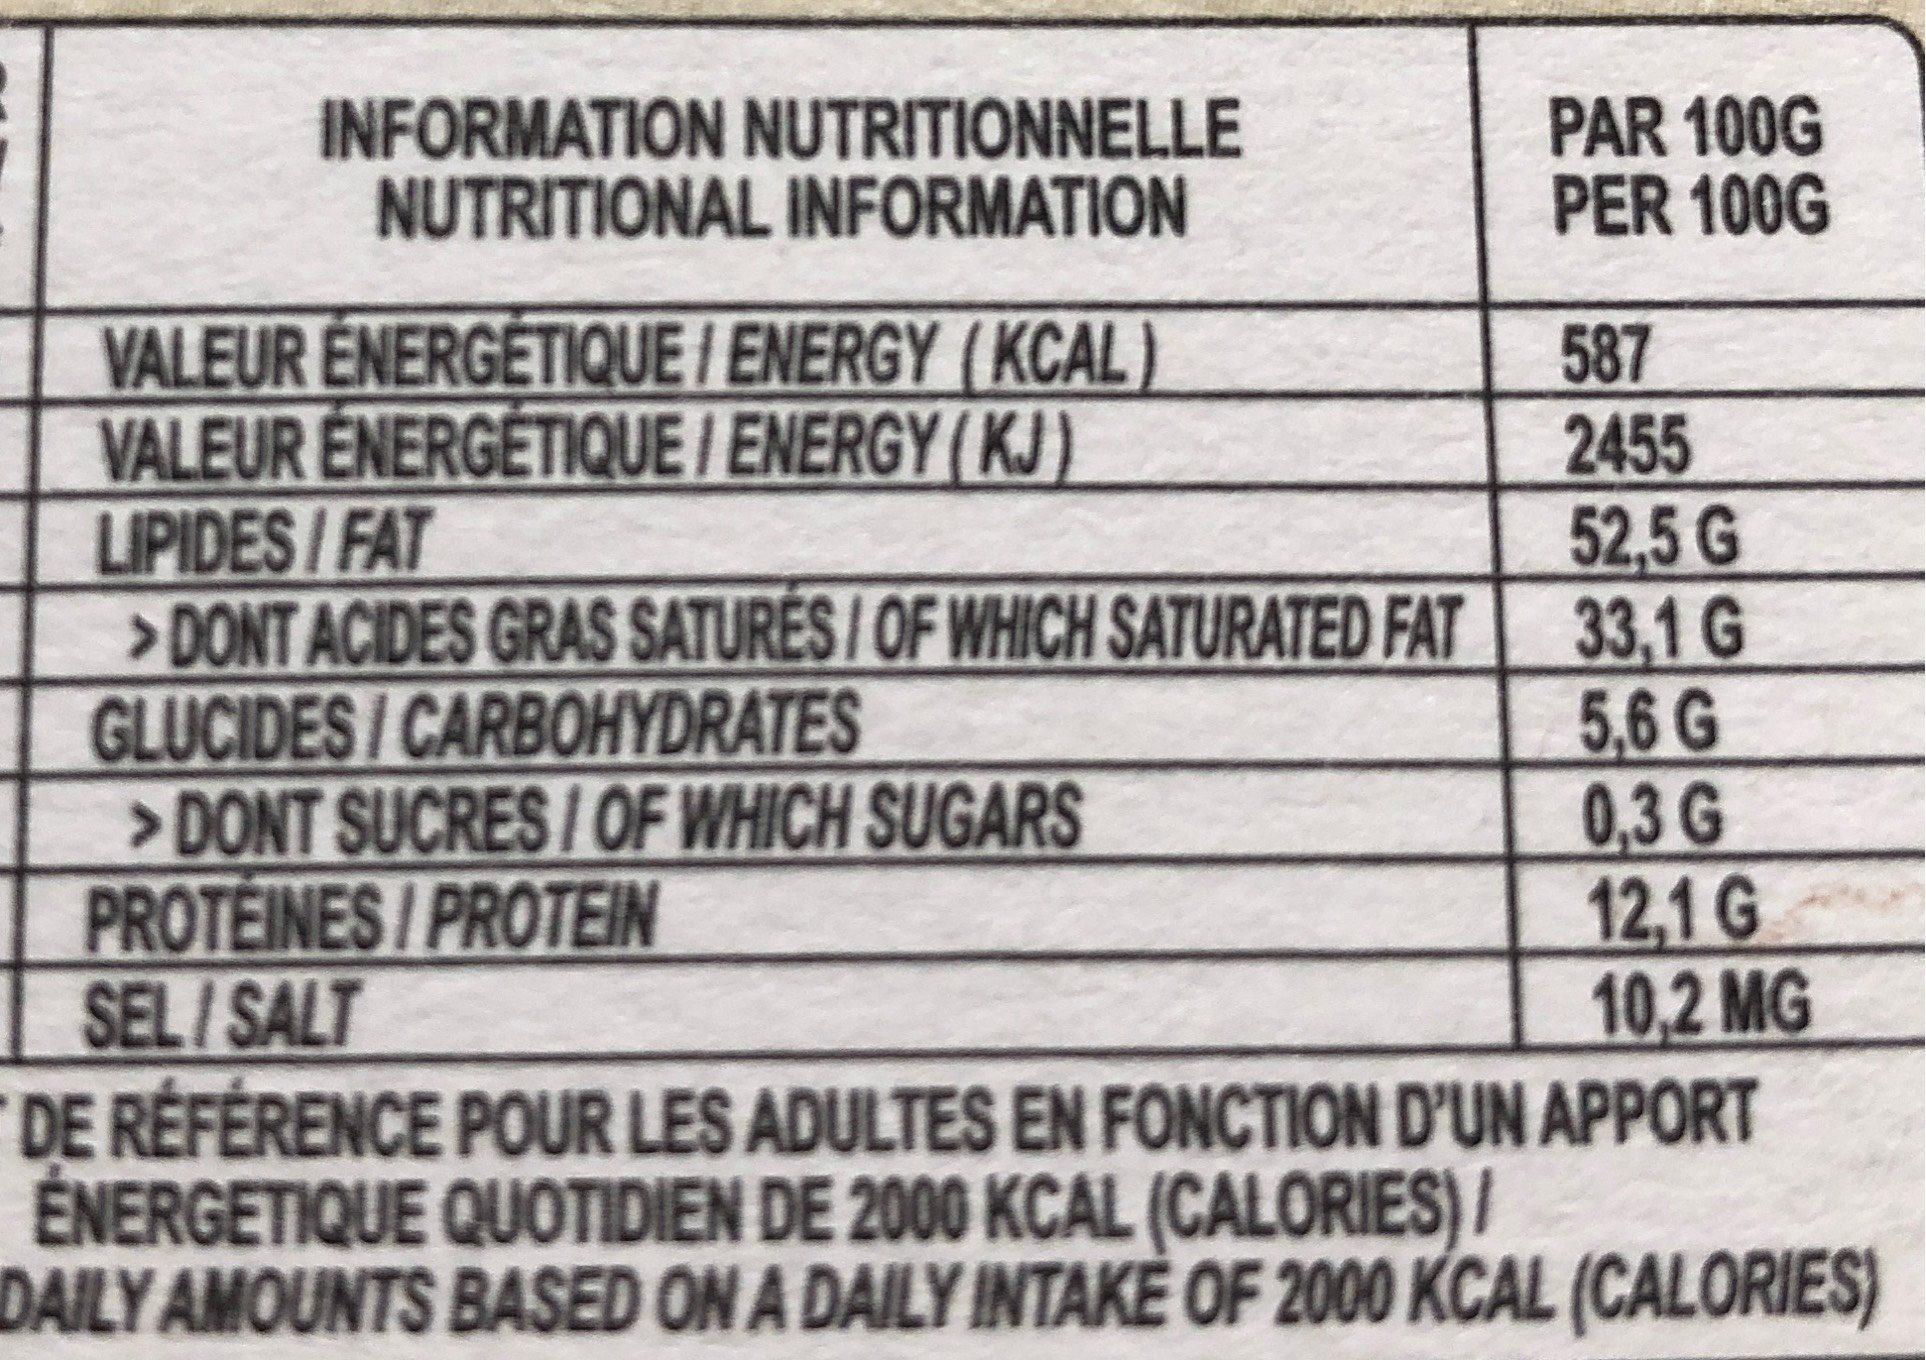 La belle équitable - 100% Cacao noir - Valori nutrizionali - fr